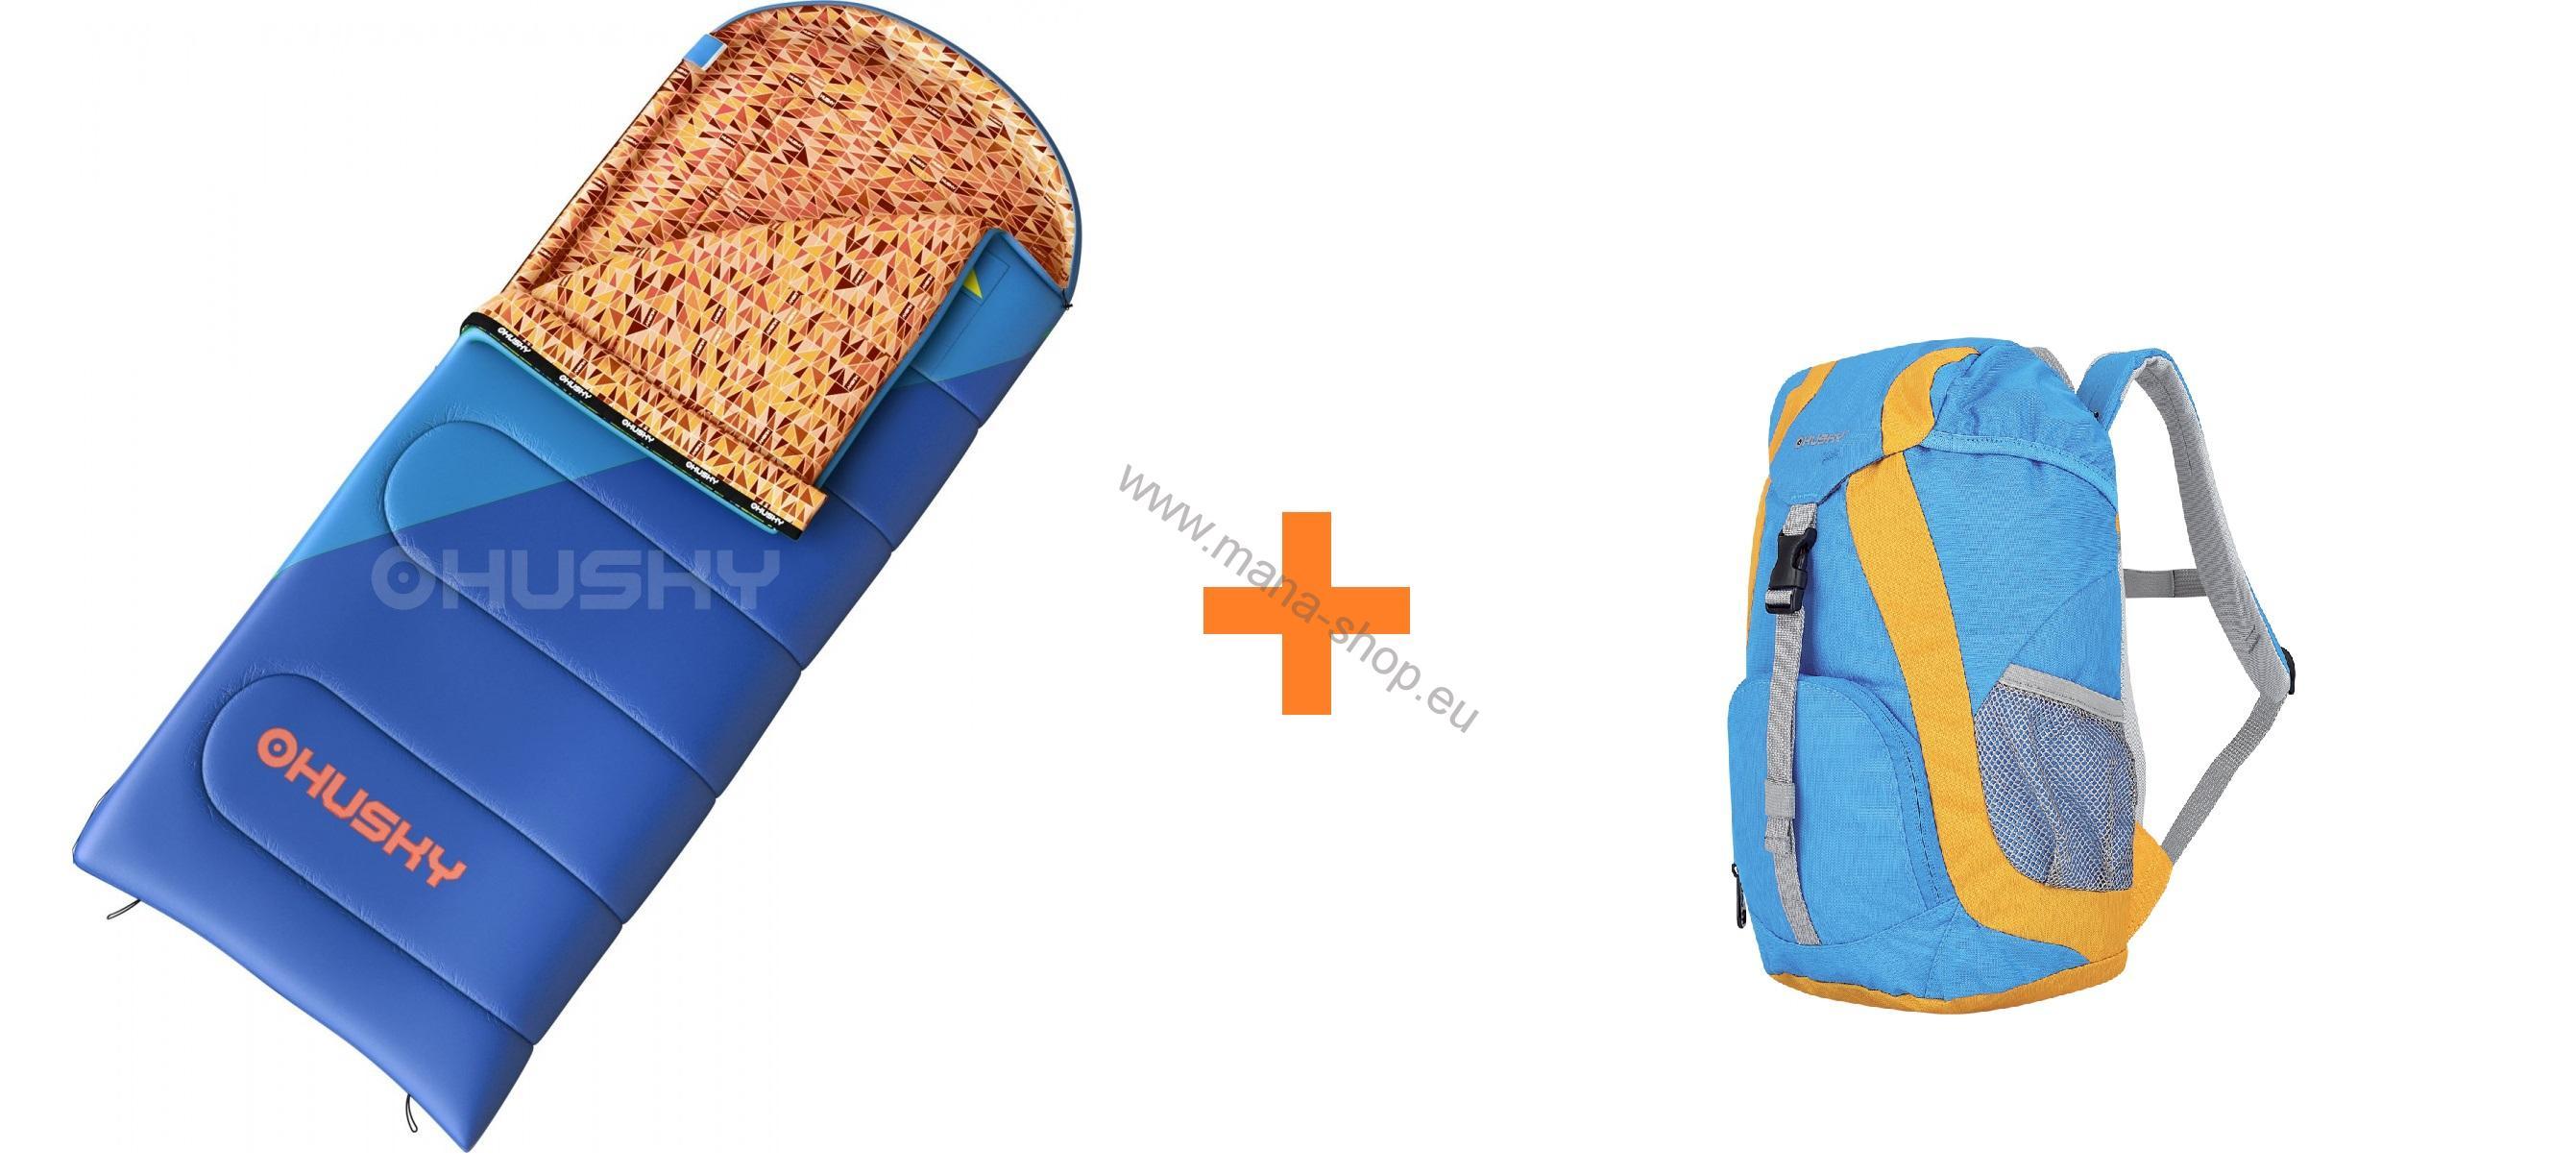 23a0c9fbcd Schlafsack Outdoor KIDS MILEN -5°C HUSKY + Kinderrucksack SWEETY 6 l gratis